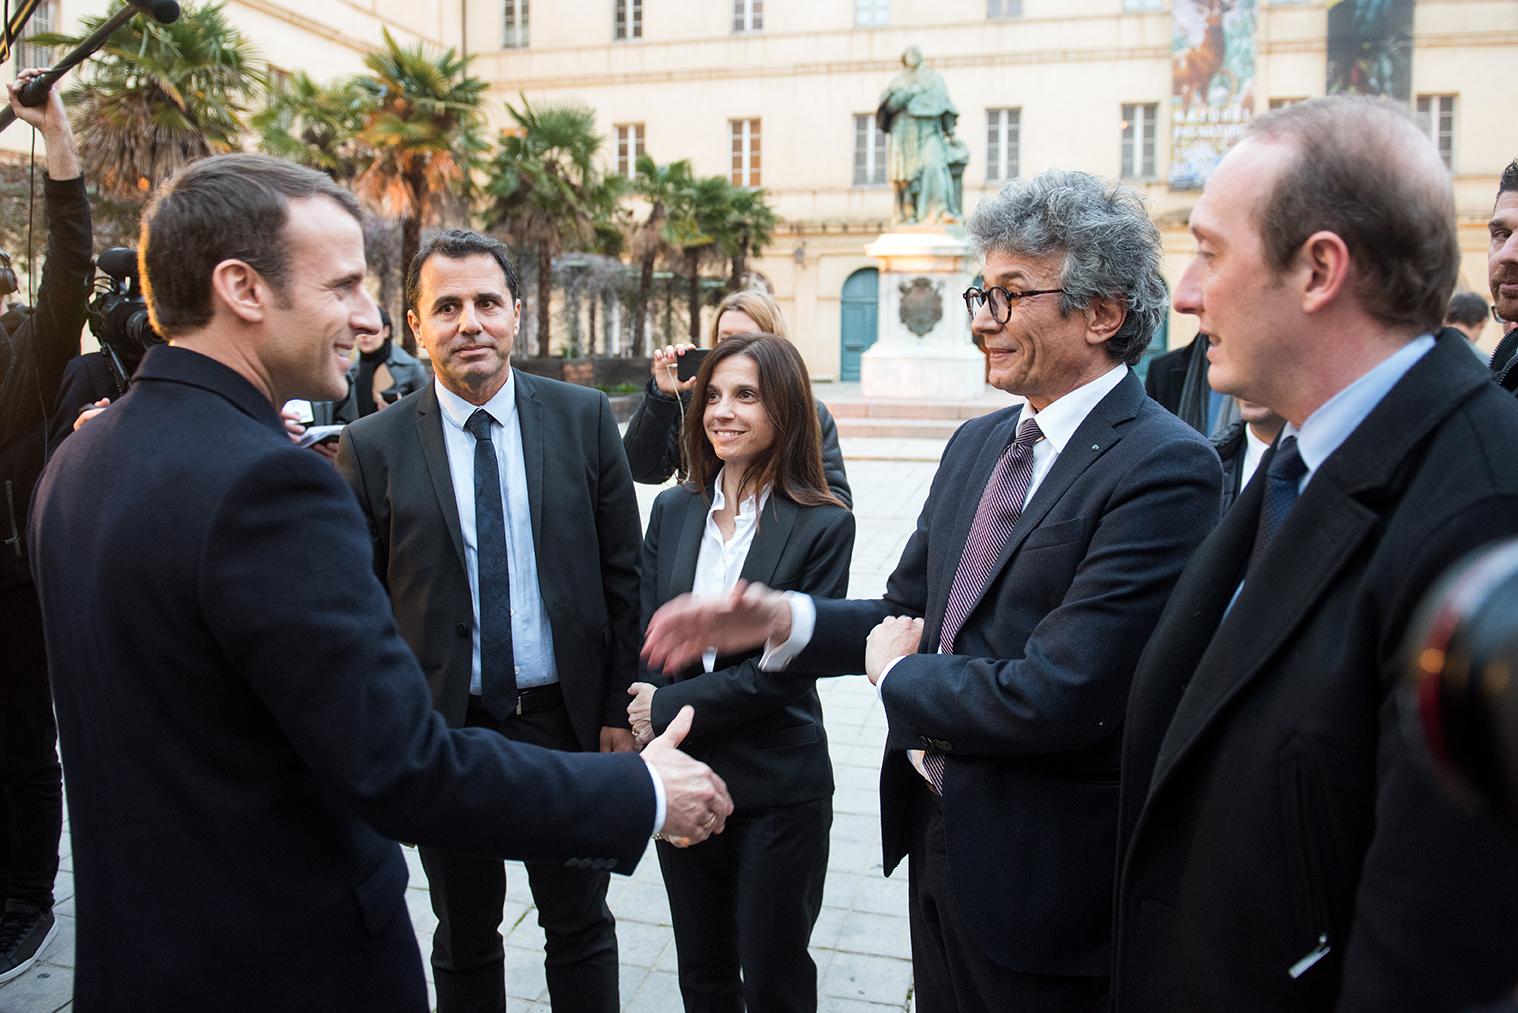 Visite du Palais Fesch, Philippe Costamagna, conservateur du musée Fesch et Marie-Laure Mosconi, directrice des patrimoines de la Ville d'Ajaccio.